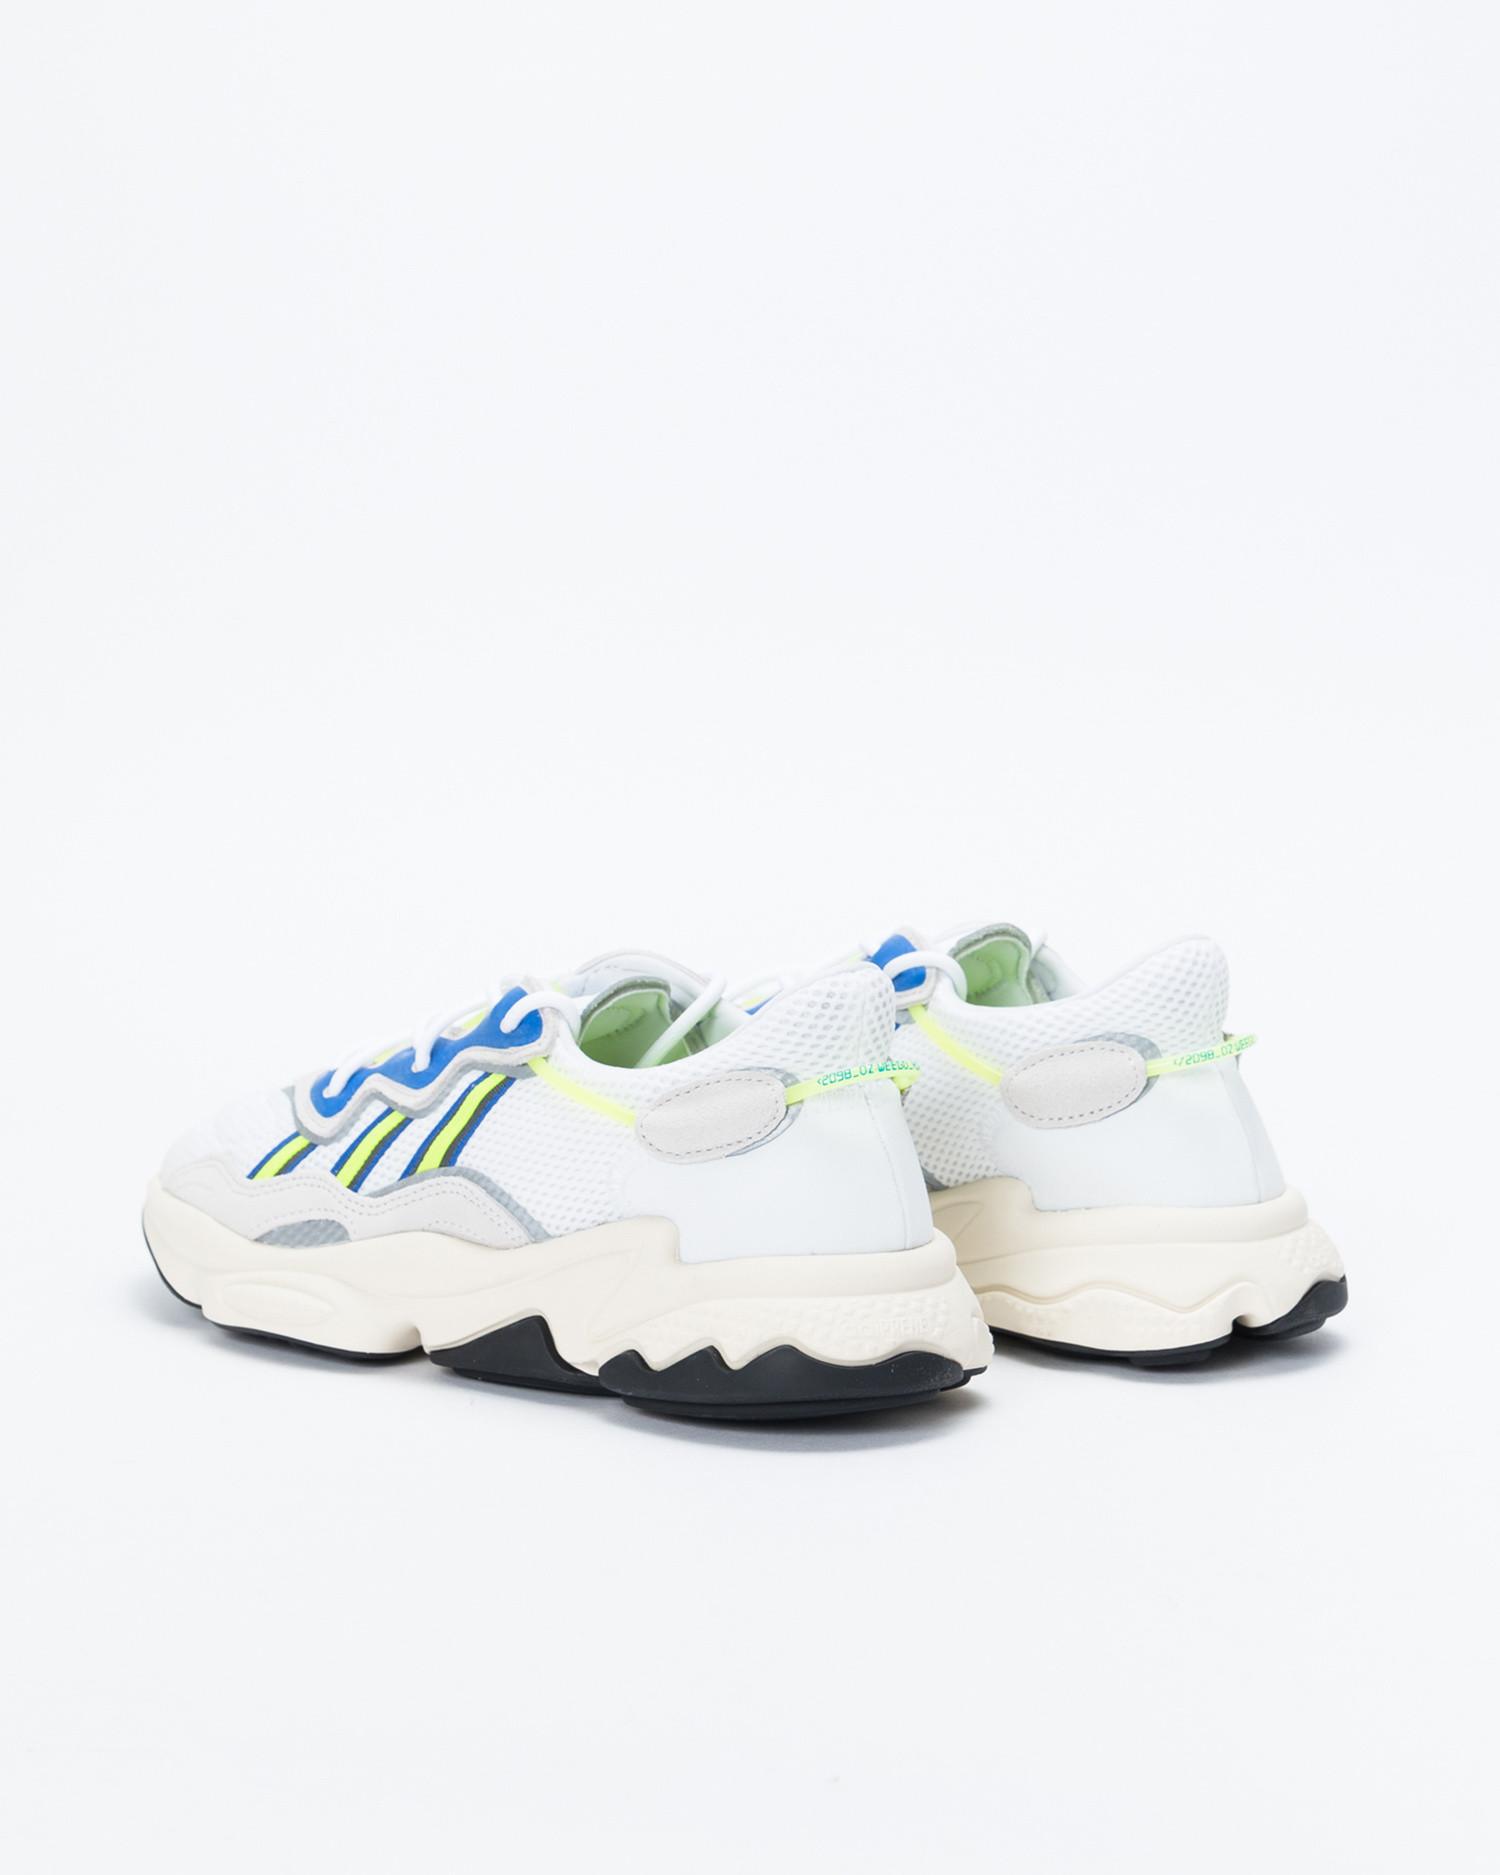 Adidas Ozweego ftwwht/greone/syello